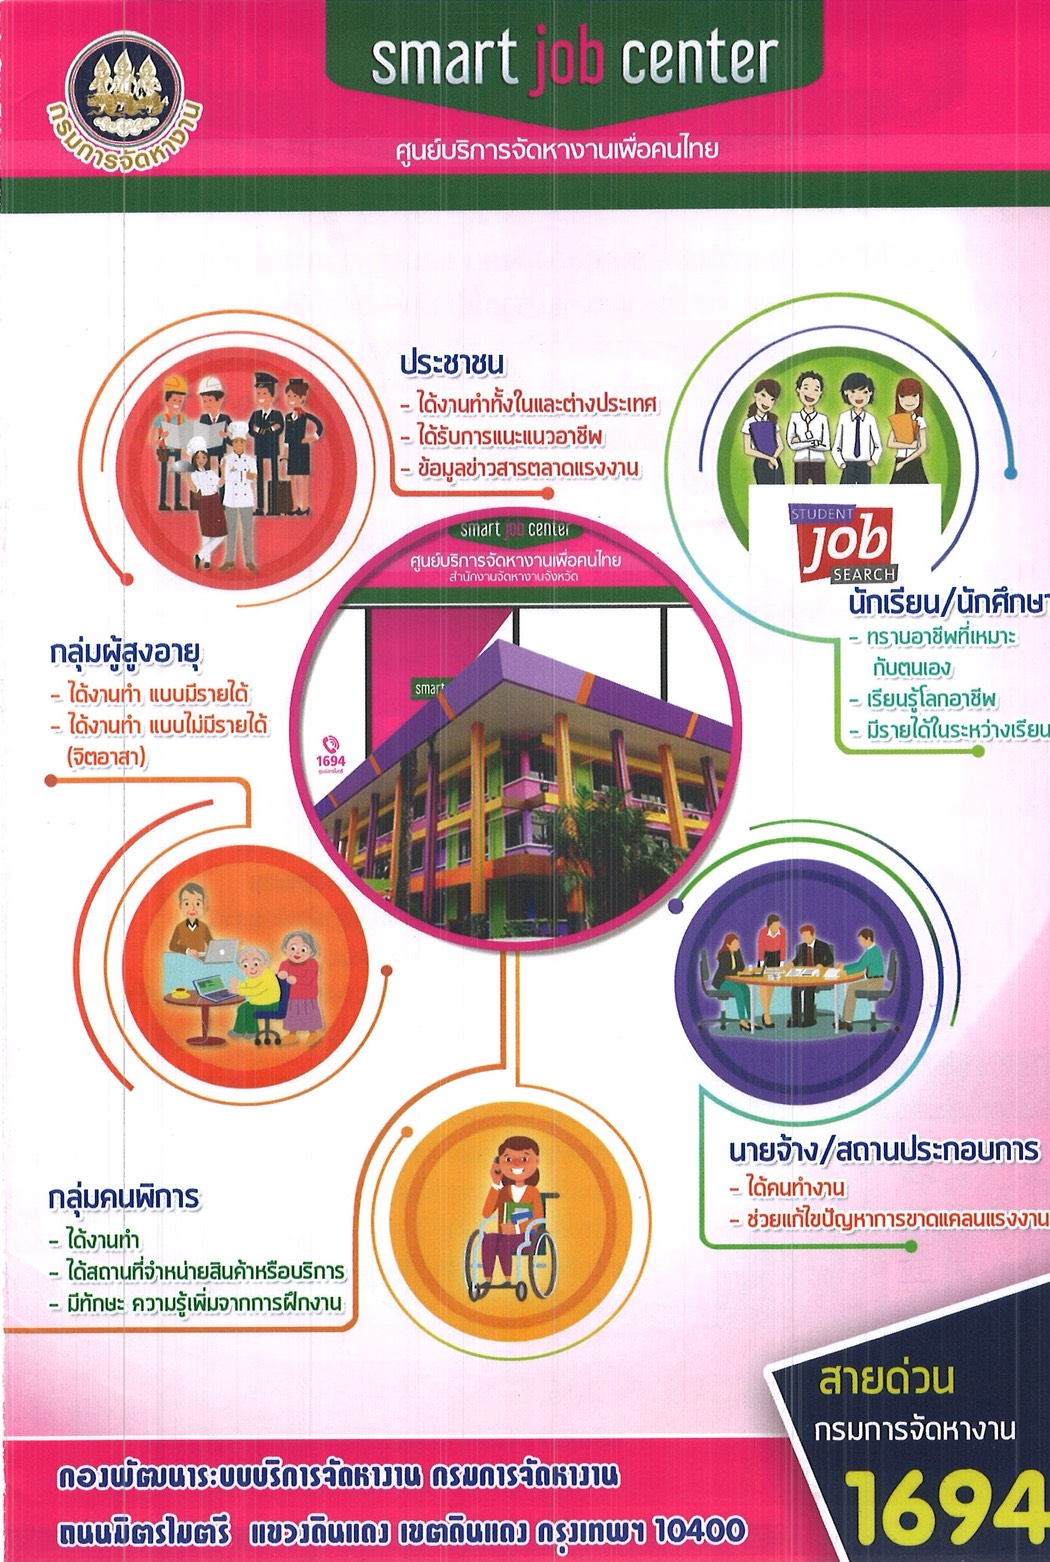 ศูนย์บริการจัดหางานเพื่อคนไทย